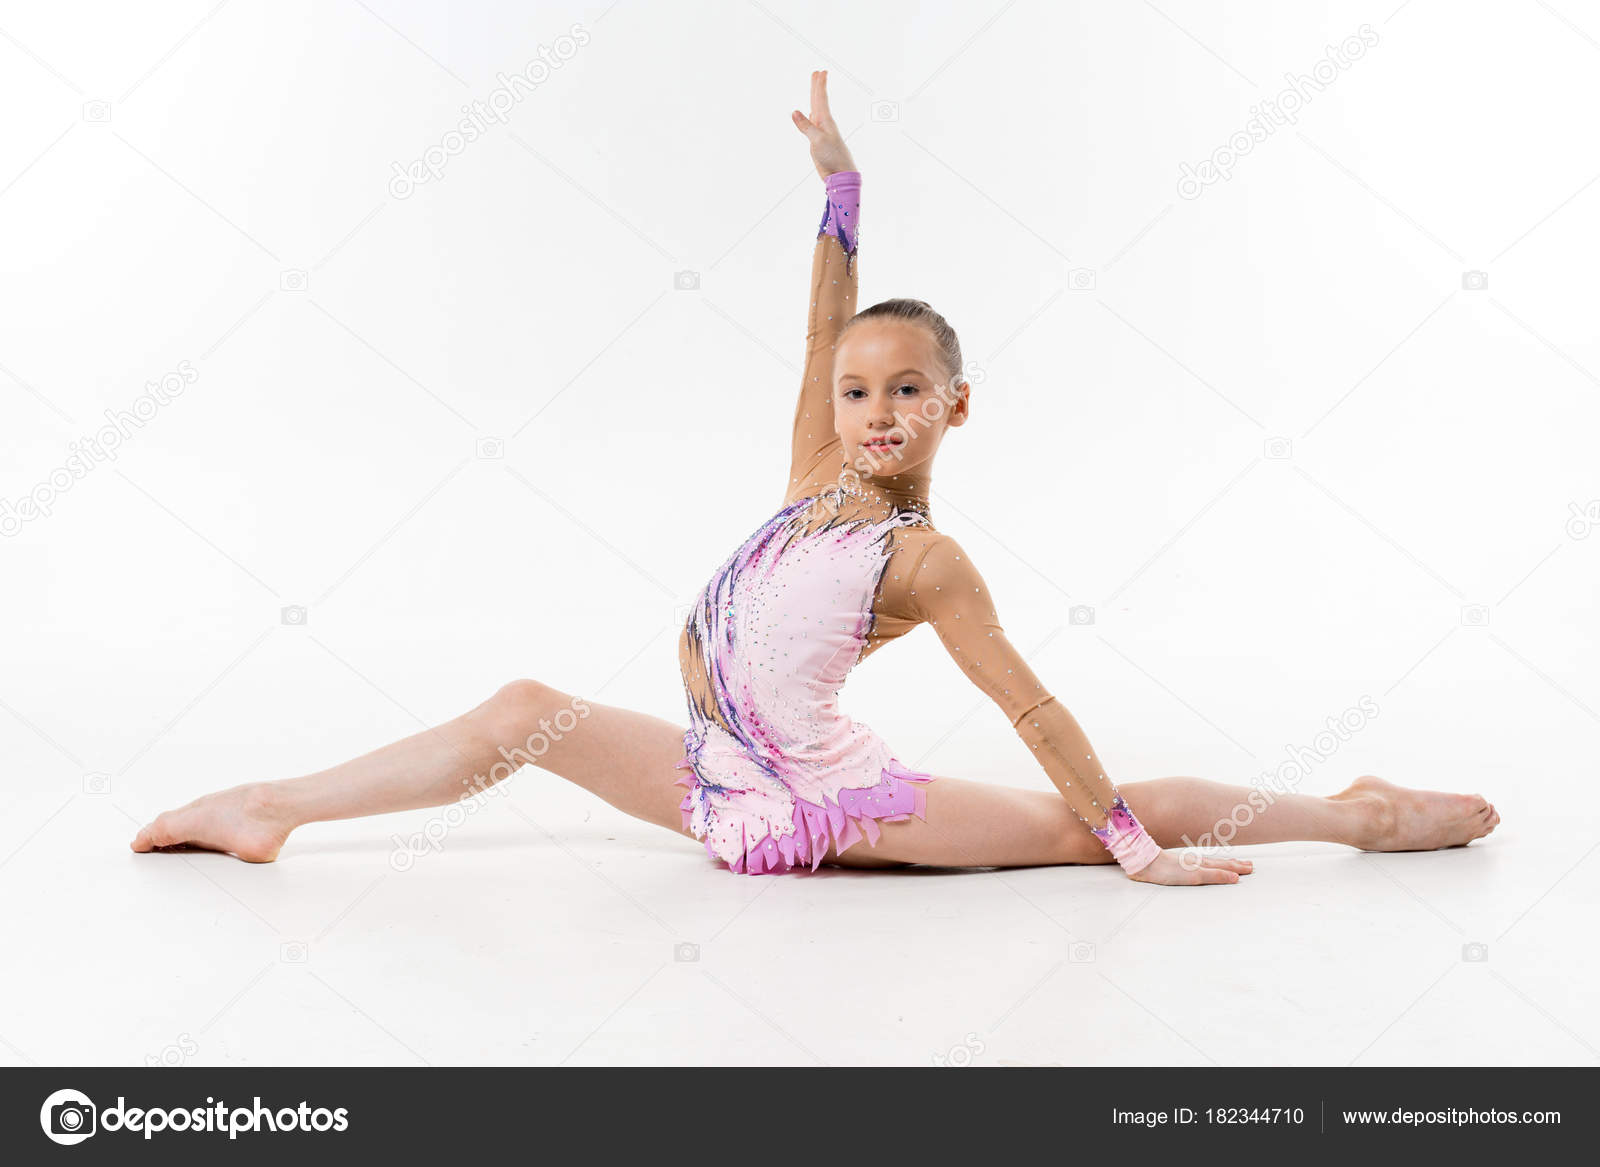 Try reasonable. Young teen girl gymnastics regret